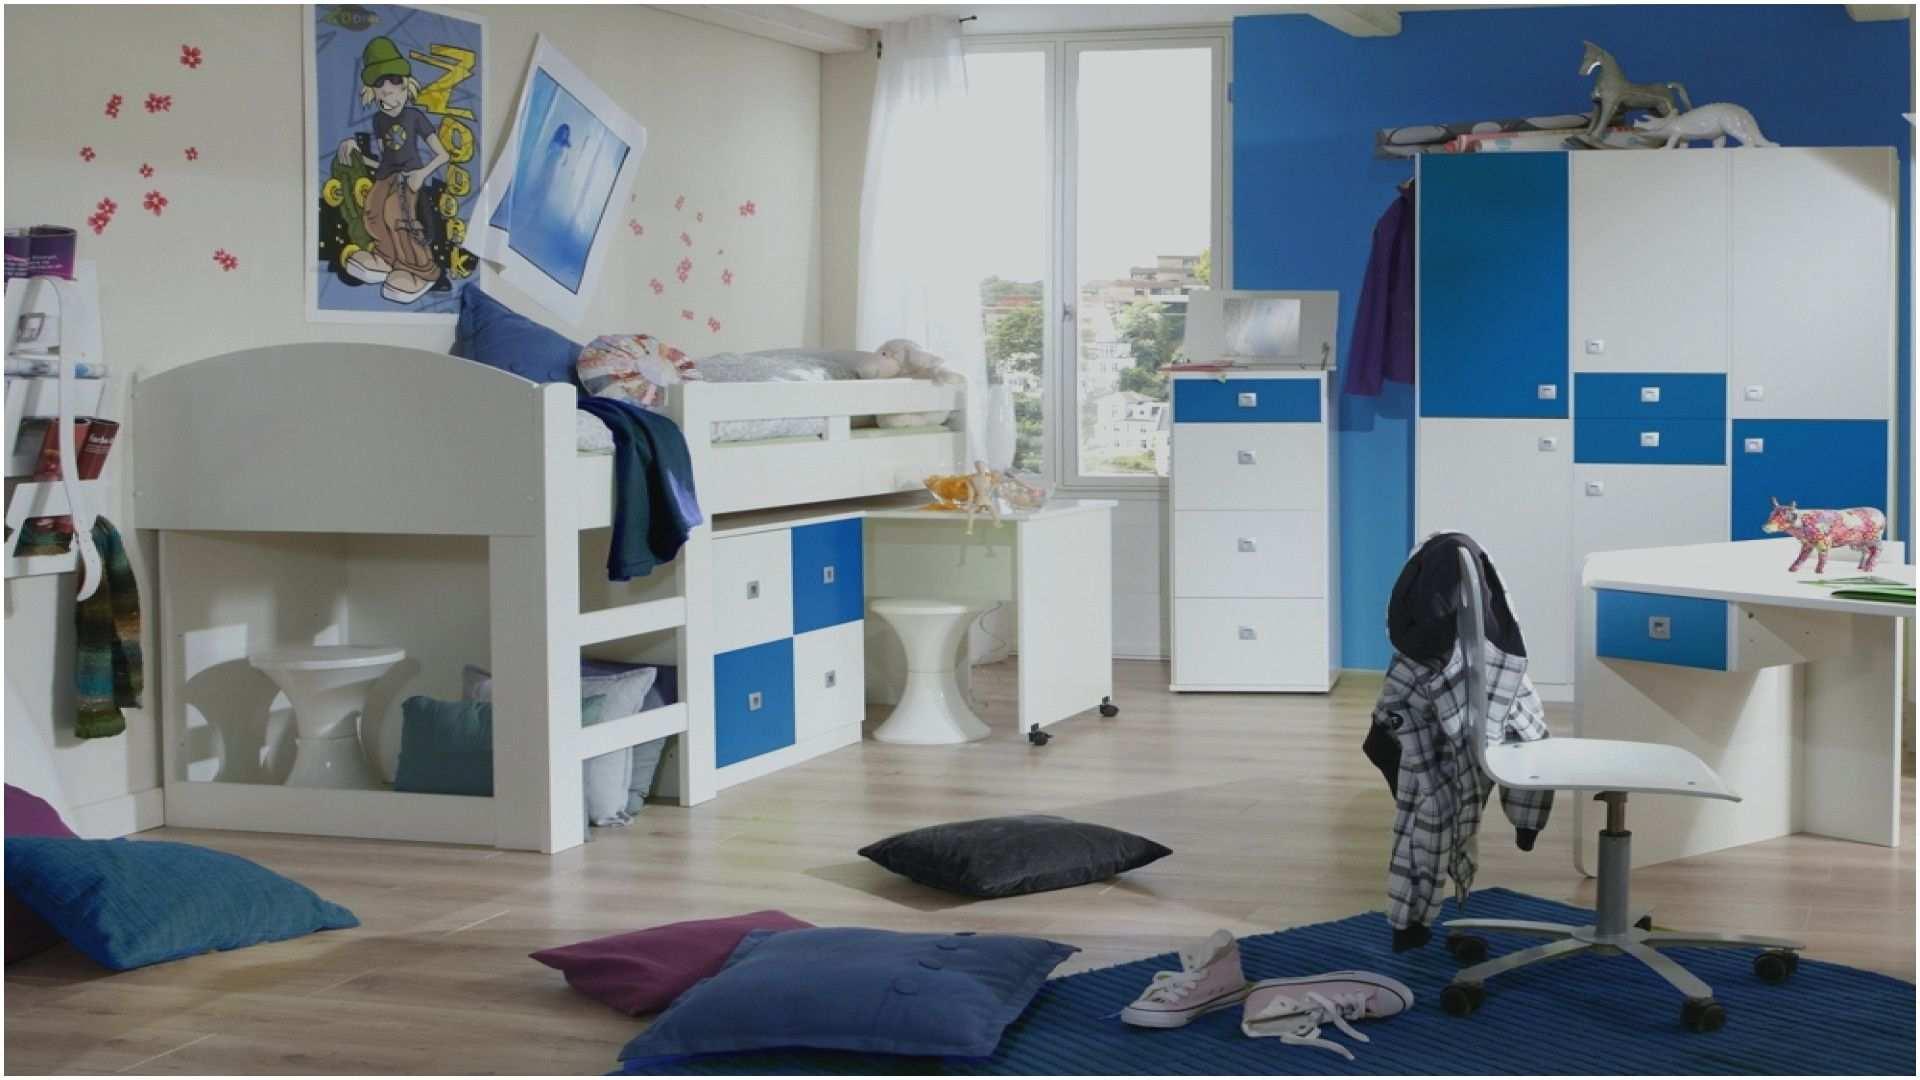 Full Size of Kinderzimmer Jungen Wandgestaltung Junge 5 Jahre Komplett Deko 7 Einrichten 4 Ideen 9 Set 3 Hochbett Diy Wandtattoo Dekoration Jugendzimmer Deckenlampen 6 Kinderzimmer Kinderzimmer Jungen